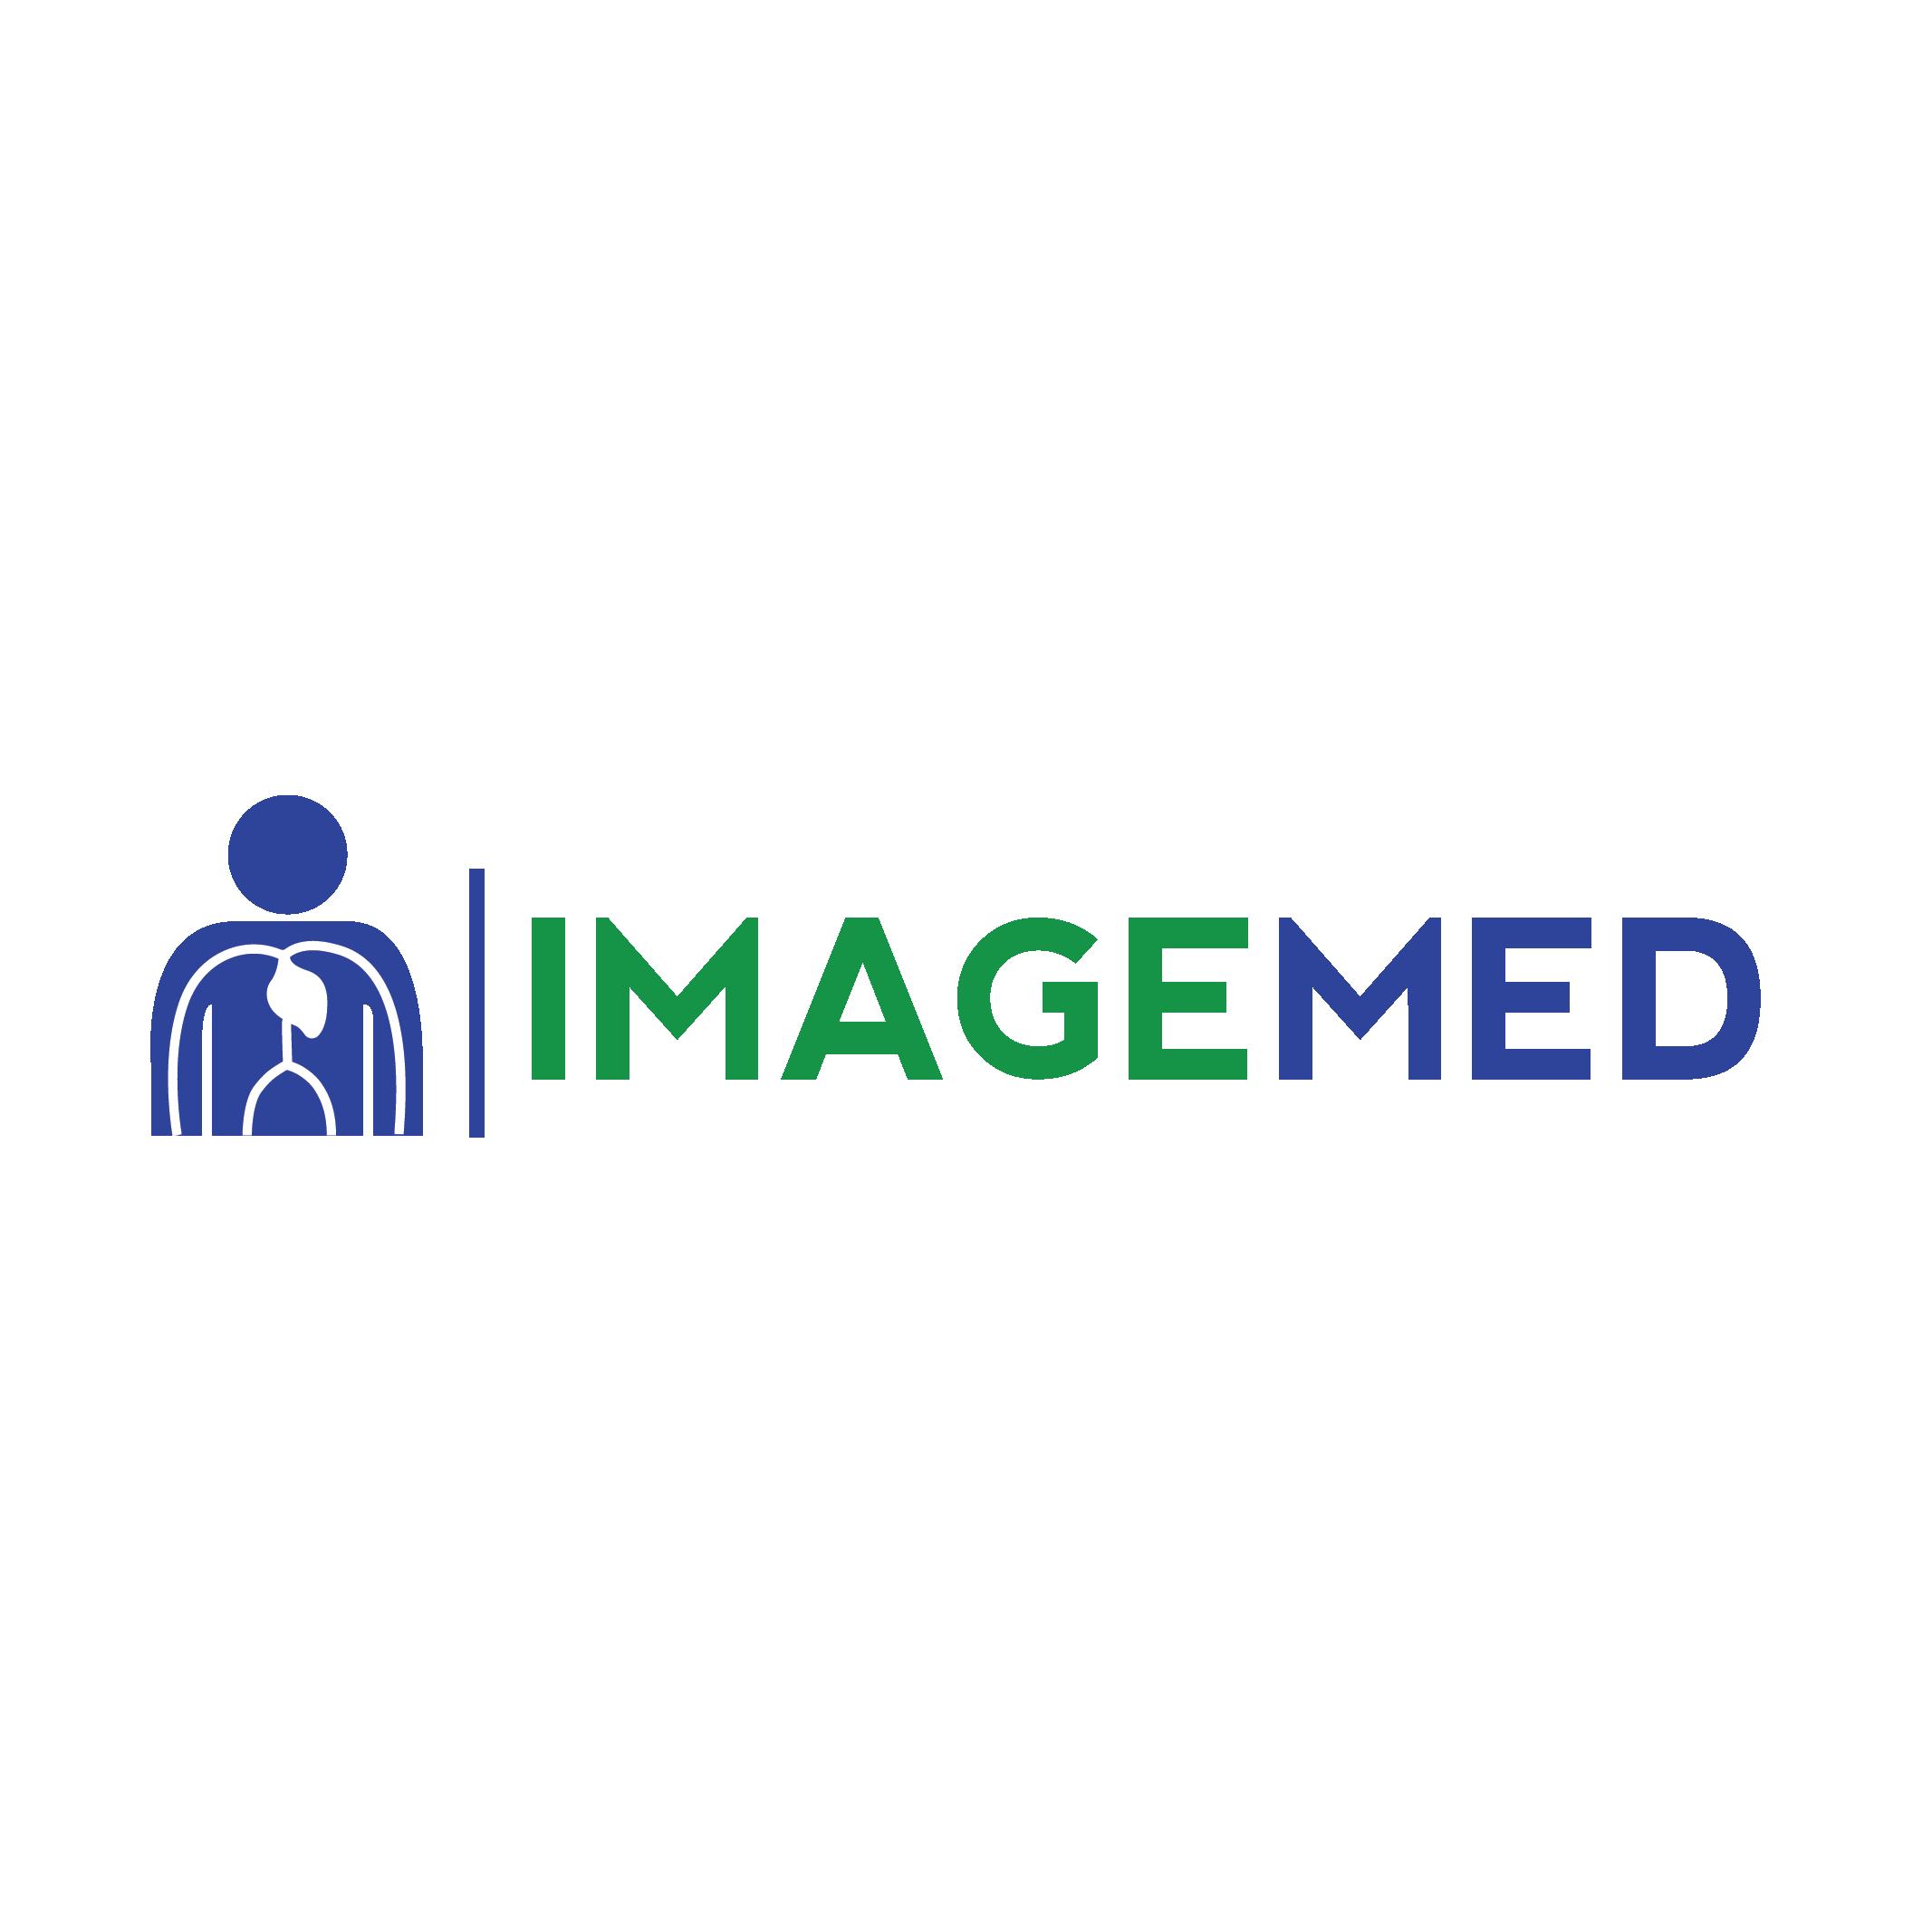 ImageMed